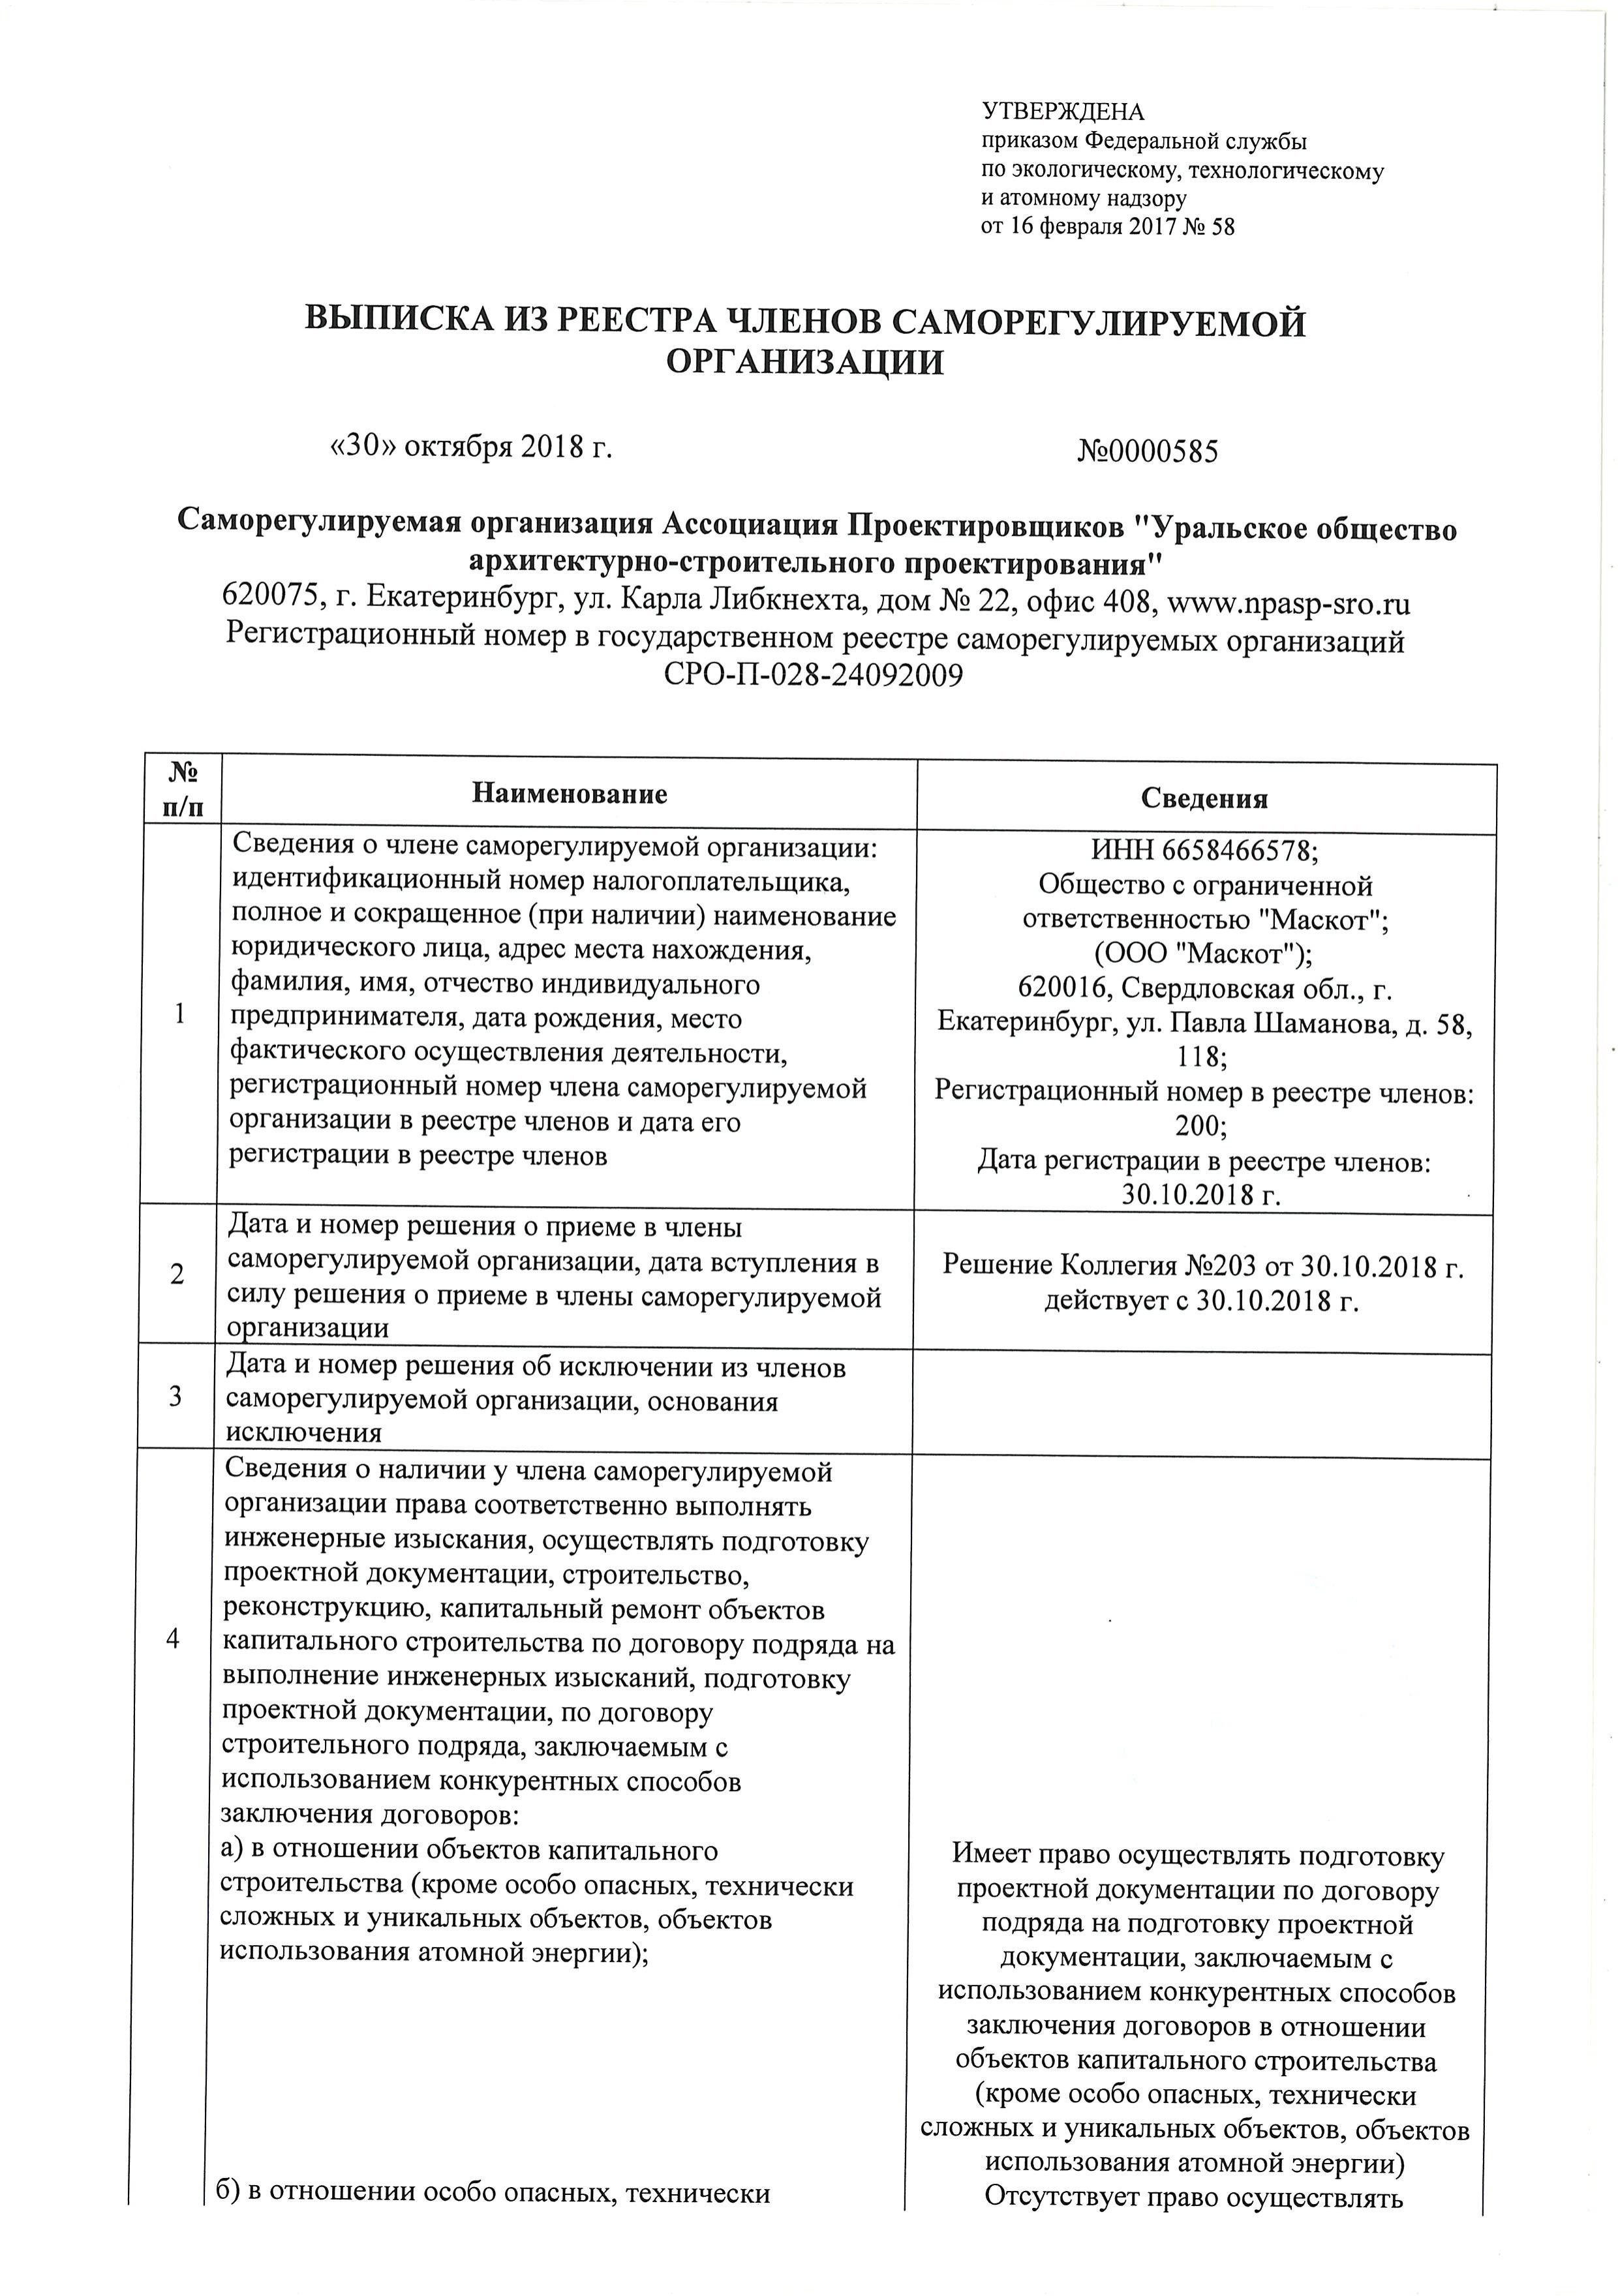 Выписка УралАСП